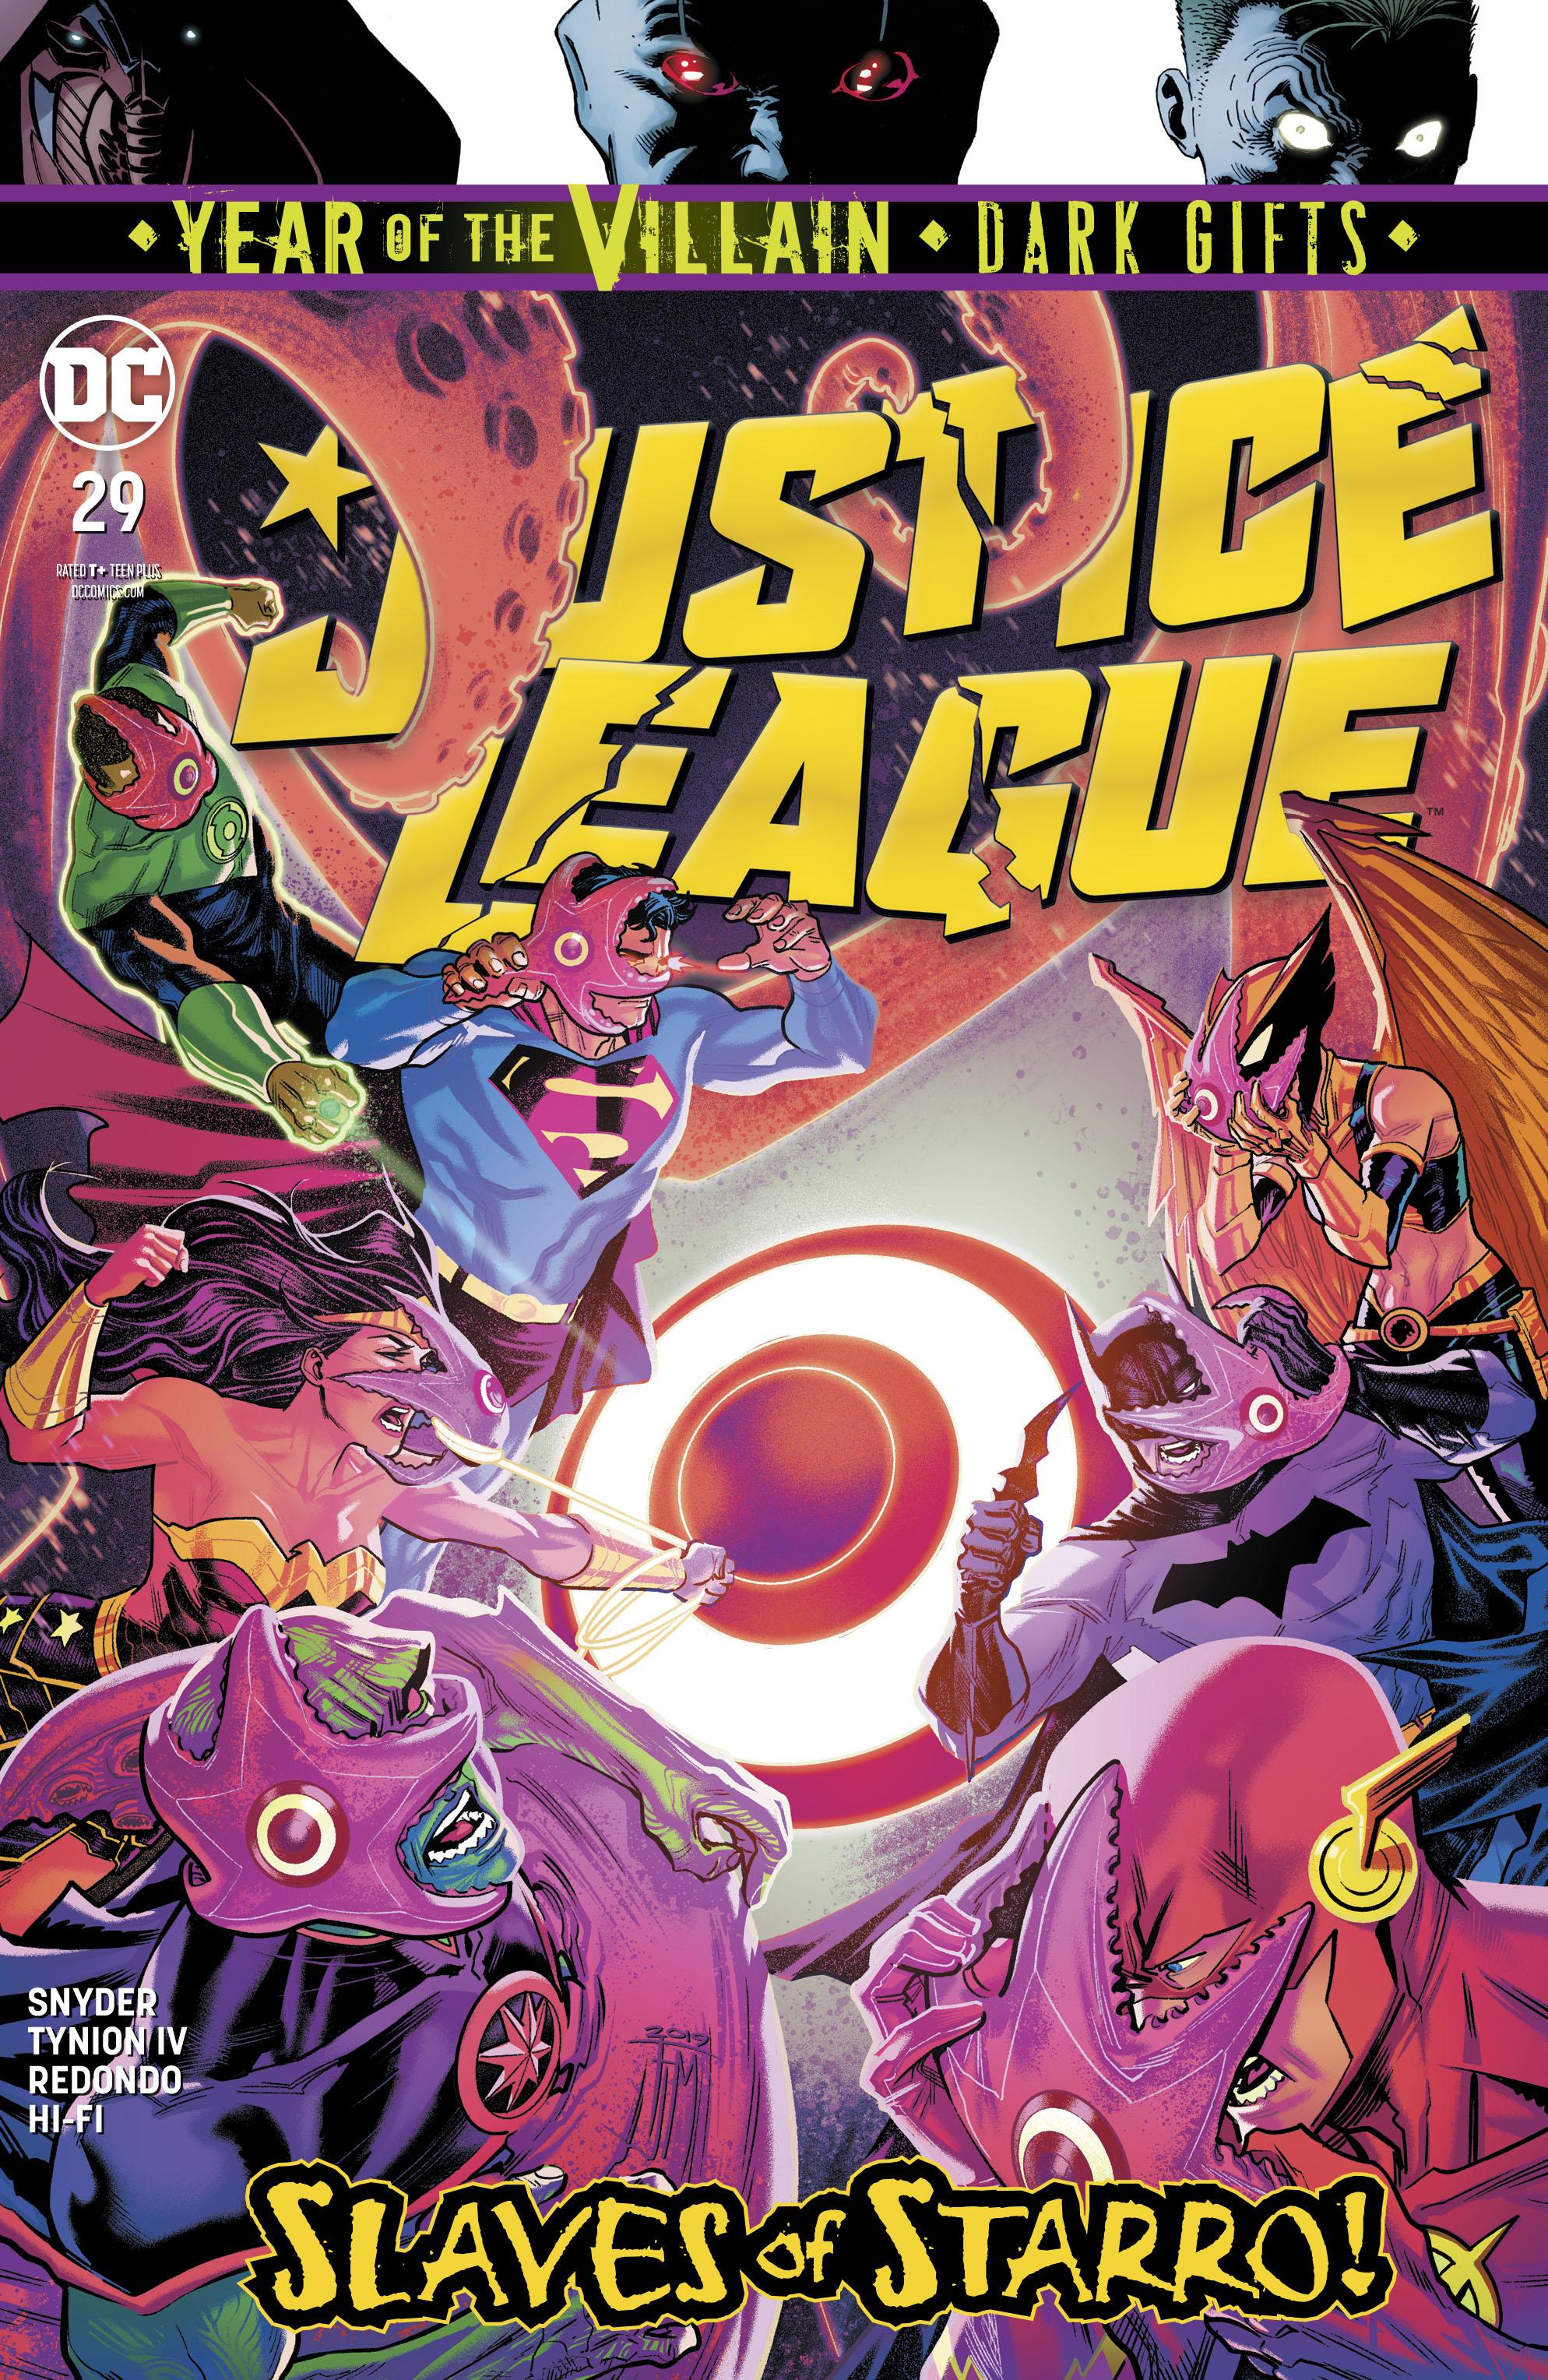 August 2019 JUSTICE LEAGUE 6 DC Comic